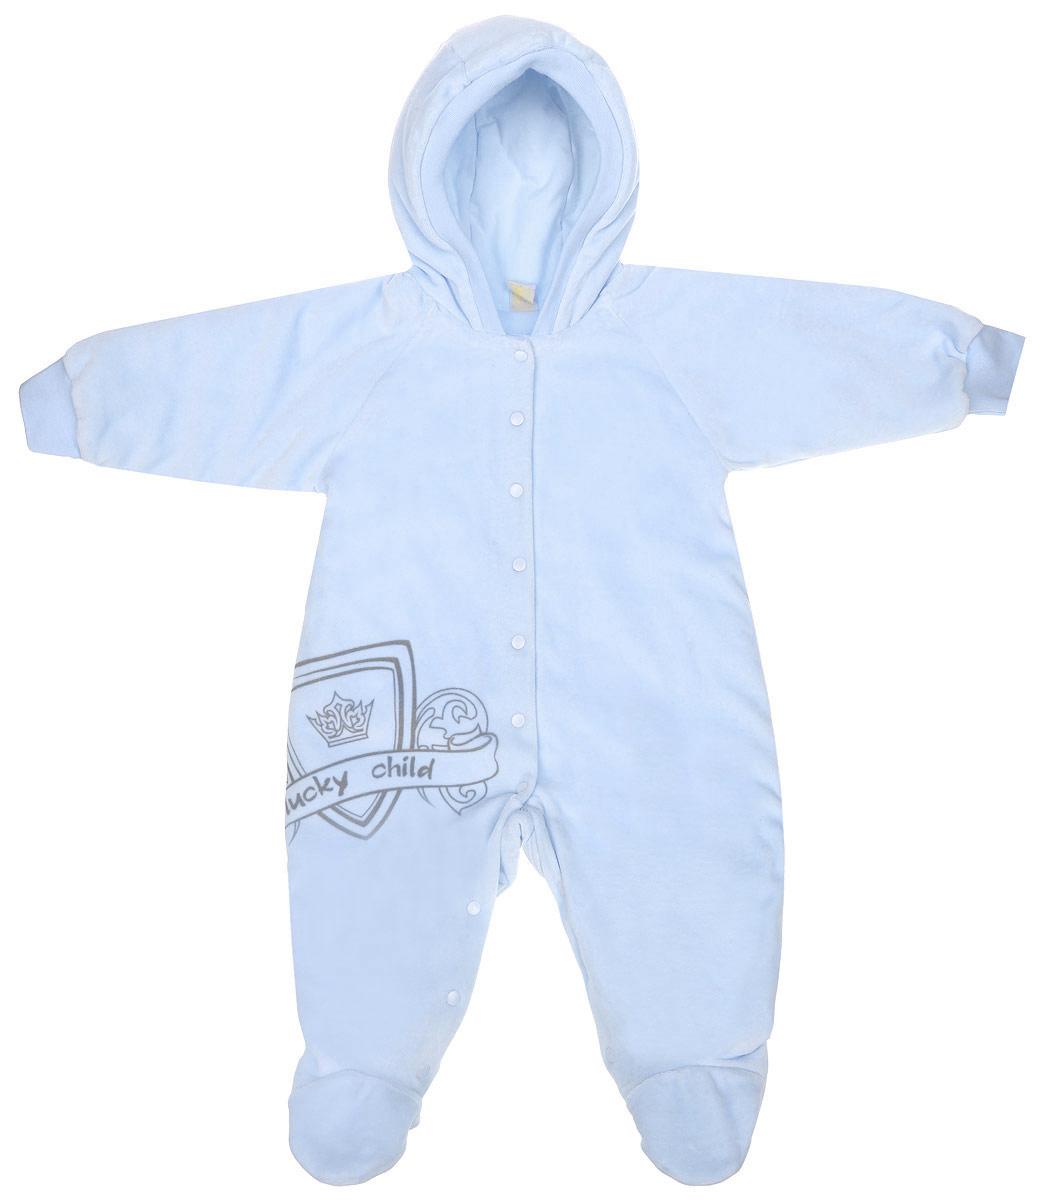 Комбинезон детский Lucky Child, цвет: голубой. 5-1. Размер 56/625-1Детский комбинезон Lucky Child - очень удобный и практичный вид одежды для малышей. Комбинезон выполнен из велюра на подкладке из натурального хлопка, благодаря чему он необычайно мягкий и приятный на ощупь, не раздражают нежную кожу ребенка и хорошо вентилируются, а эластичные швы приятны телу младенца и не препятствуют его движениям. В качестве утеплителя используется синтепон. Комбинезон с капюшоном, длинными рукавами-реглан и закрытыми ножками по центру застегивается на металлические застежки-кнопки, также имеются застежки-кнопки на ластовице, что помогает с легкостью переодеть младенца или сменить подгузник. Капюшон по краю дополнен широкой трикотажной резинкой. Рукава понизу дополнены широкими эластичными манжетами, которые мягко обхватывают запястья. Спереди изделие оформлено оригинальным принтом в виде логотипа бренда. С детским комбинезоном Lucky Child спинка и ножки вашего малыша всегда будут в тепле. Комбинезон полностью соответствует особенностям жизни младенца в ранний период, не стесняя и не ограничивая его в движениях!